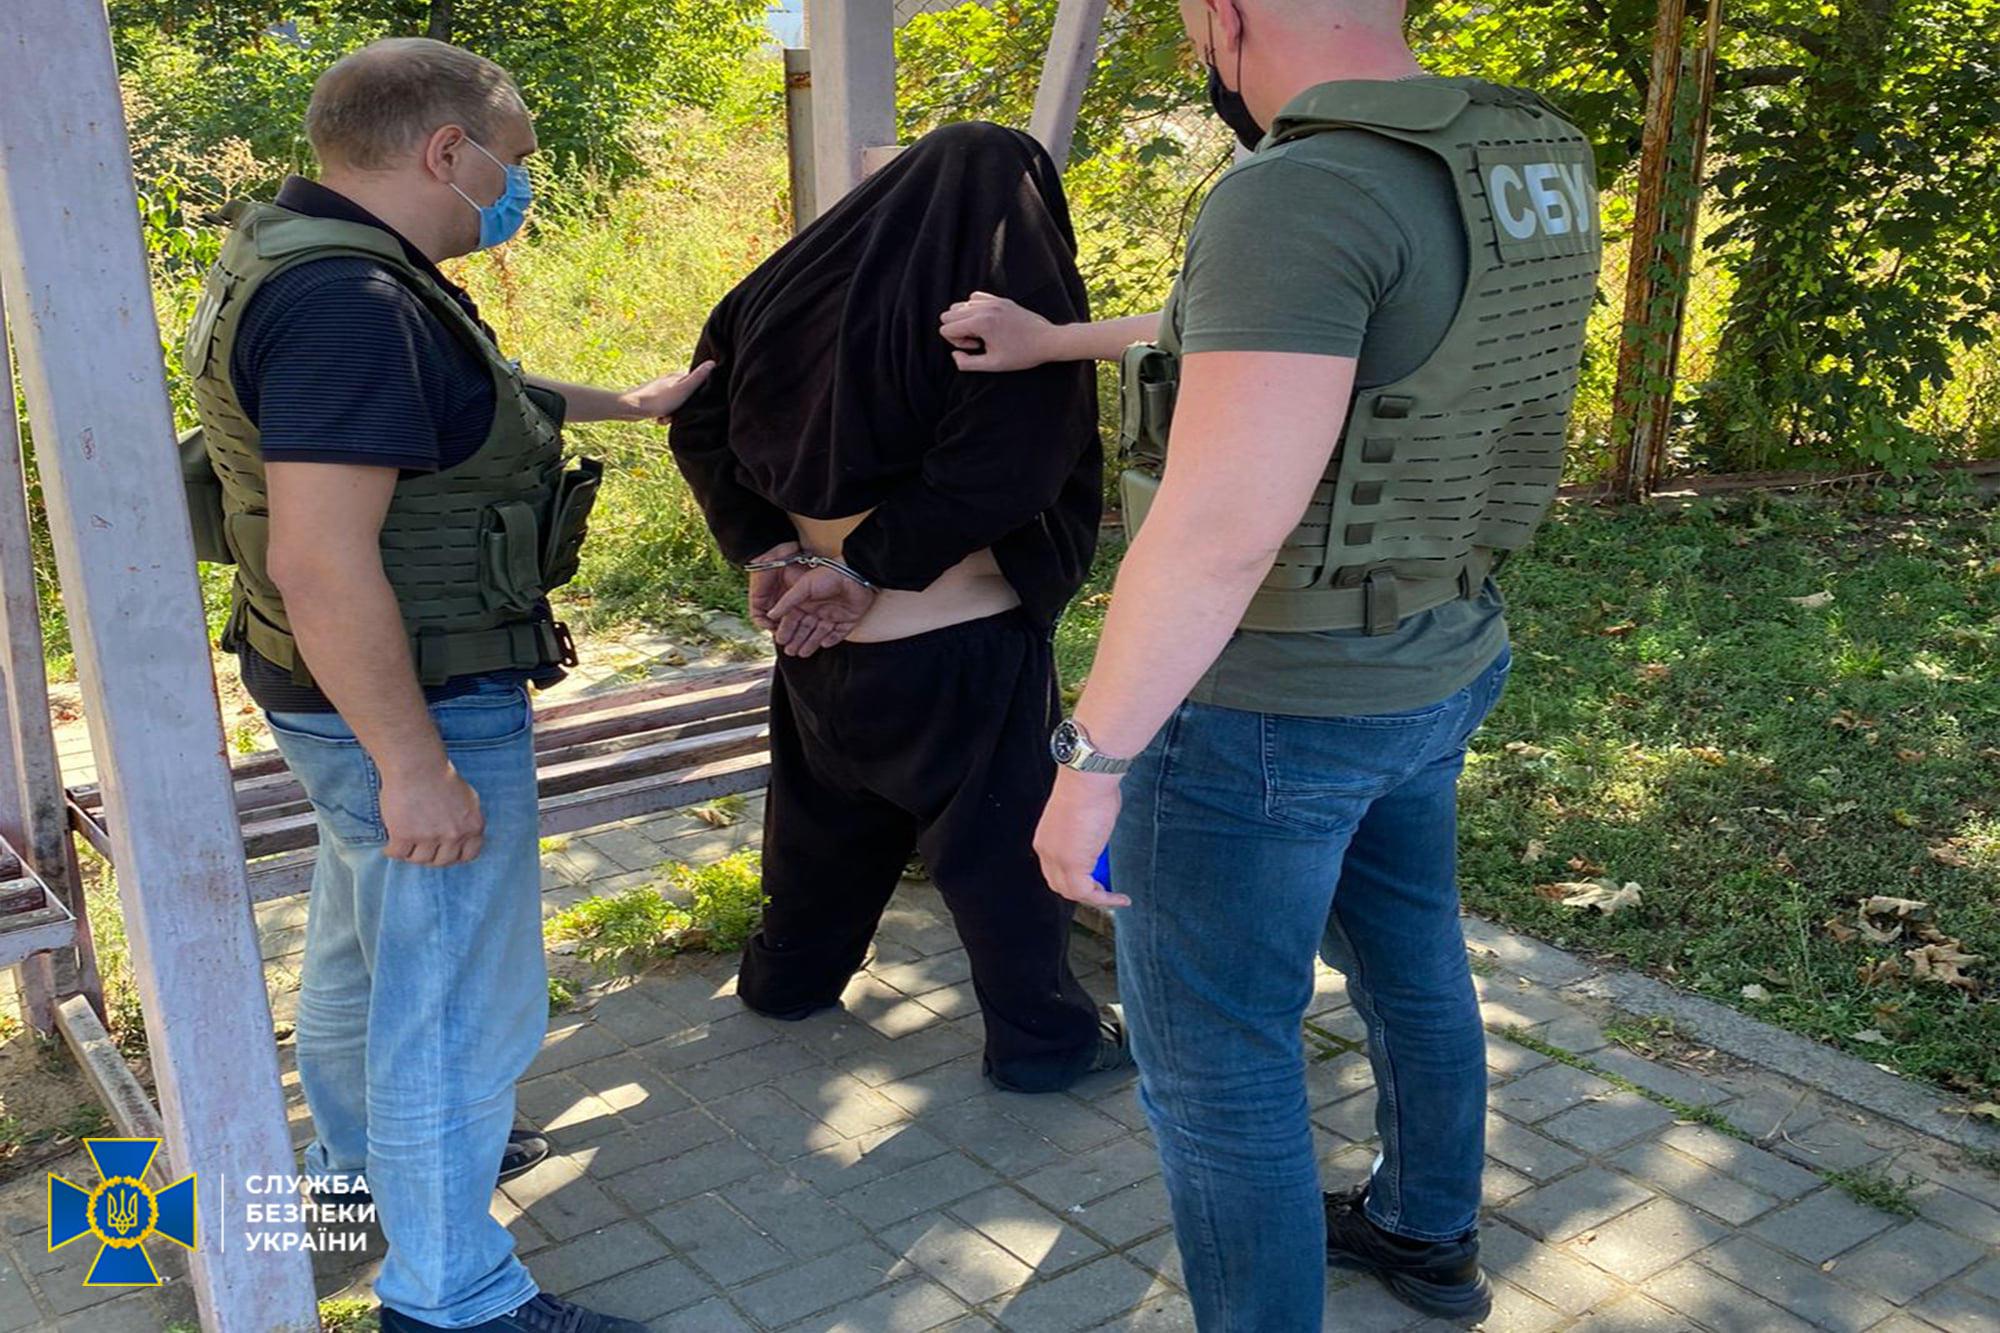 Правоохранители предотвратили заказное убийство